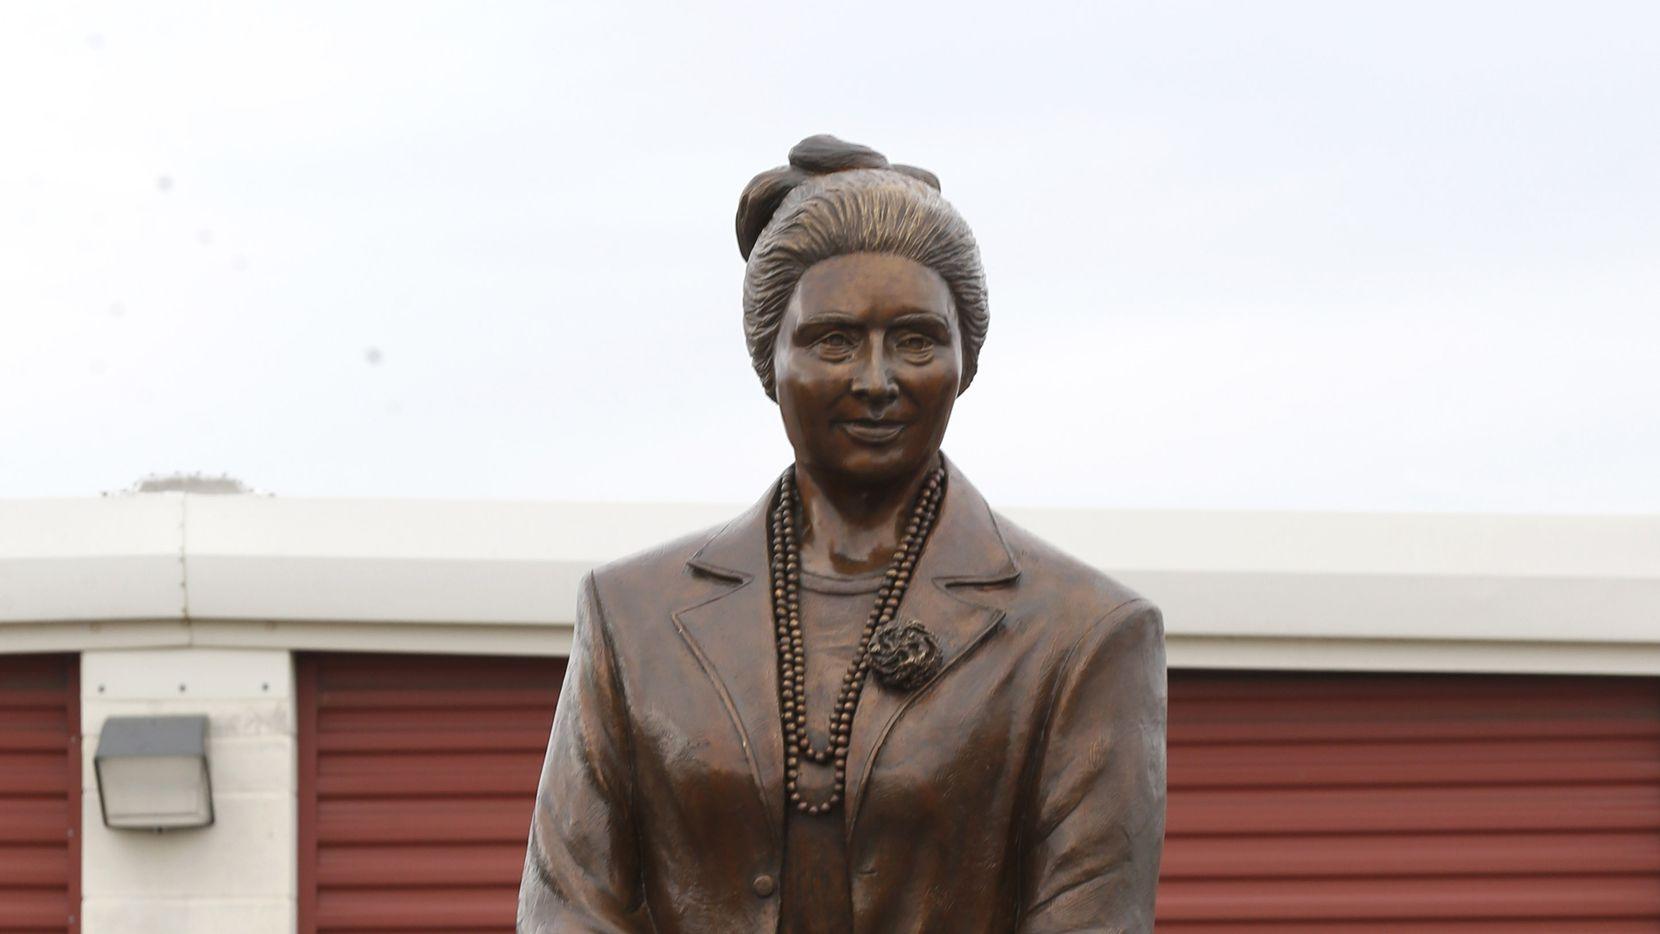 La estatua de Adelfa Callejo debía ubicarse en Love Field, pero un comité del concejo aprobó ubicarla en Main Street Park. Callejo fue una destacada abogada y activista latina.